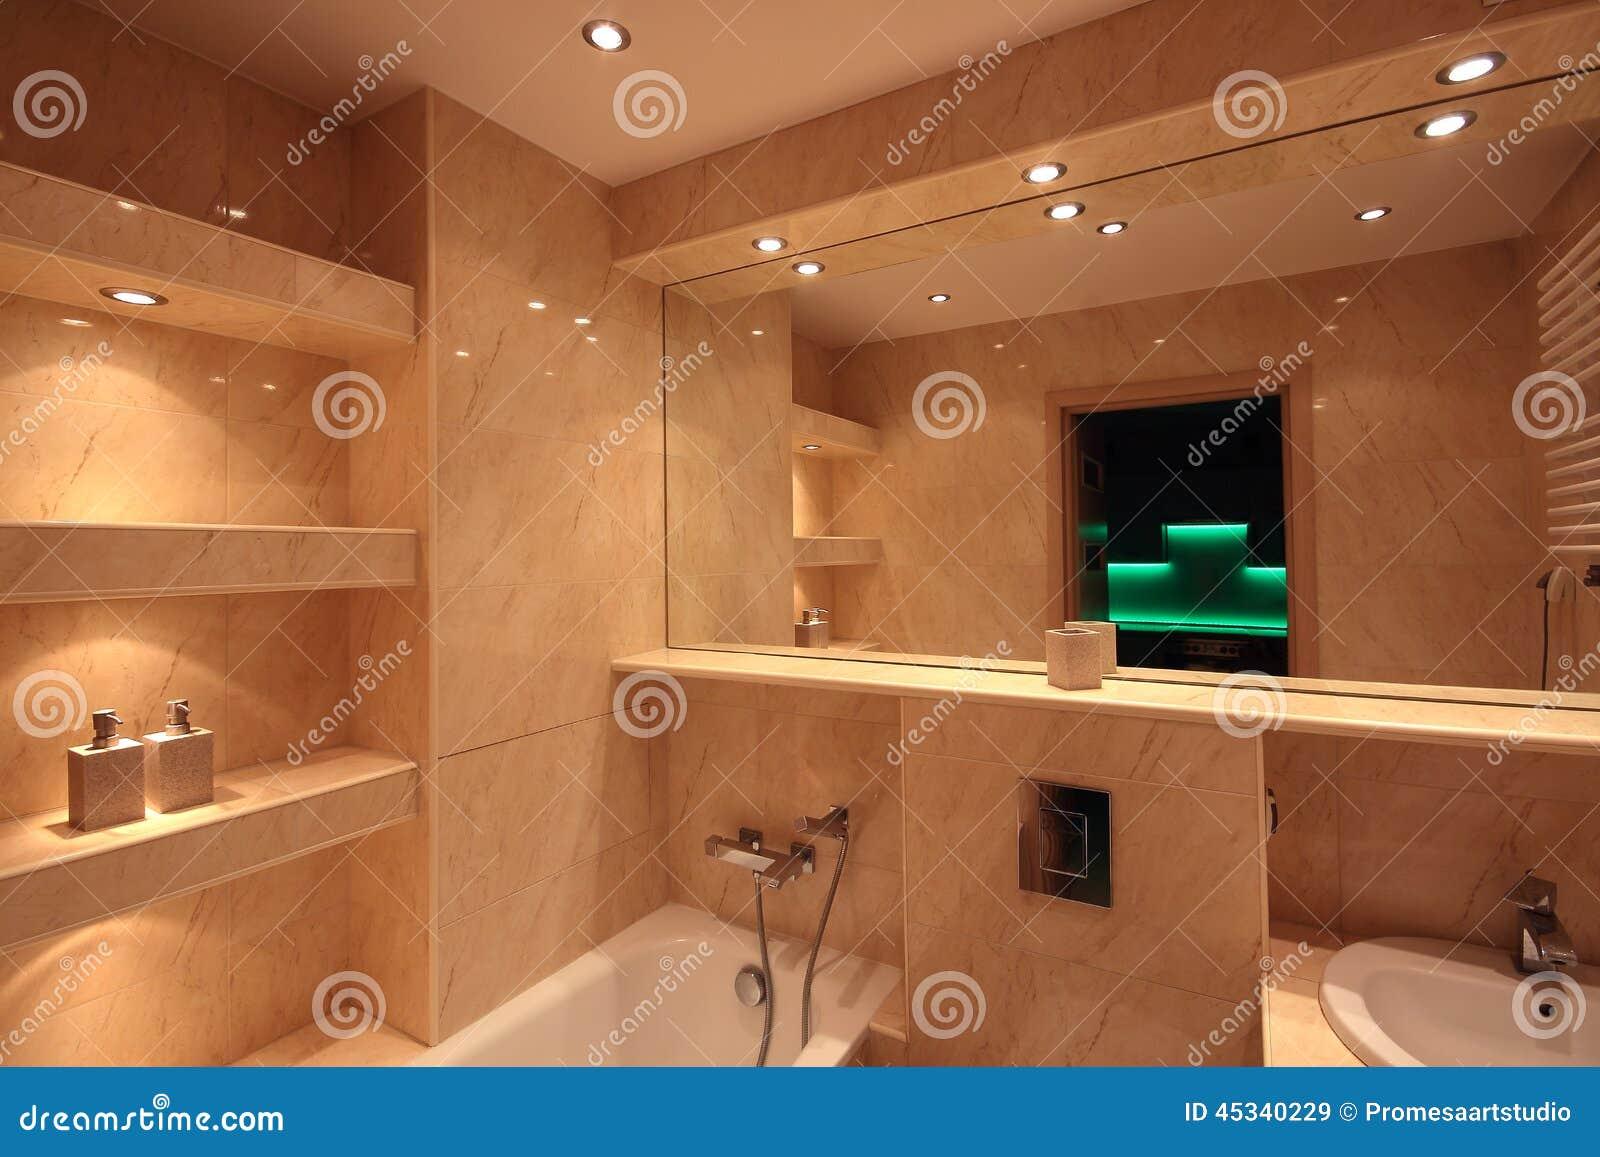 Int rieur moderne de salle de bains de maison photo stock - Interieur salle de bain moderne ...